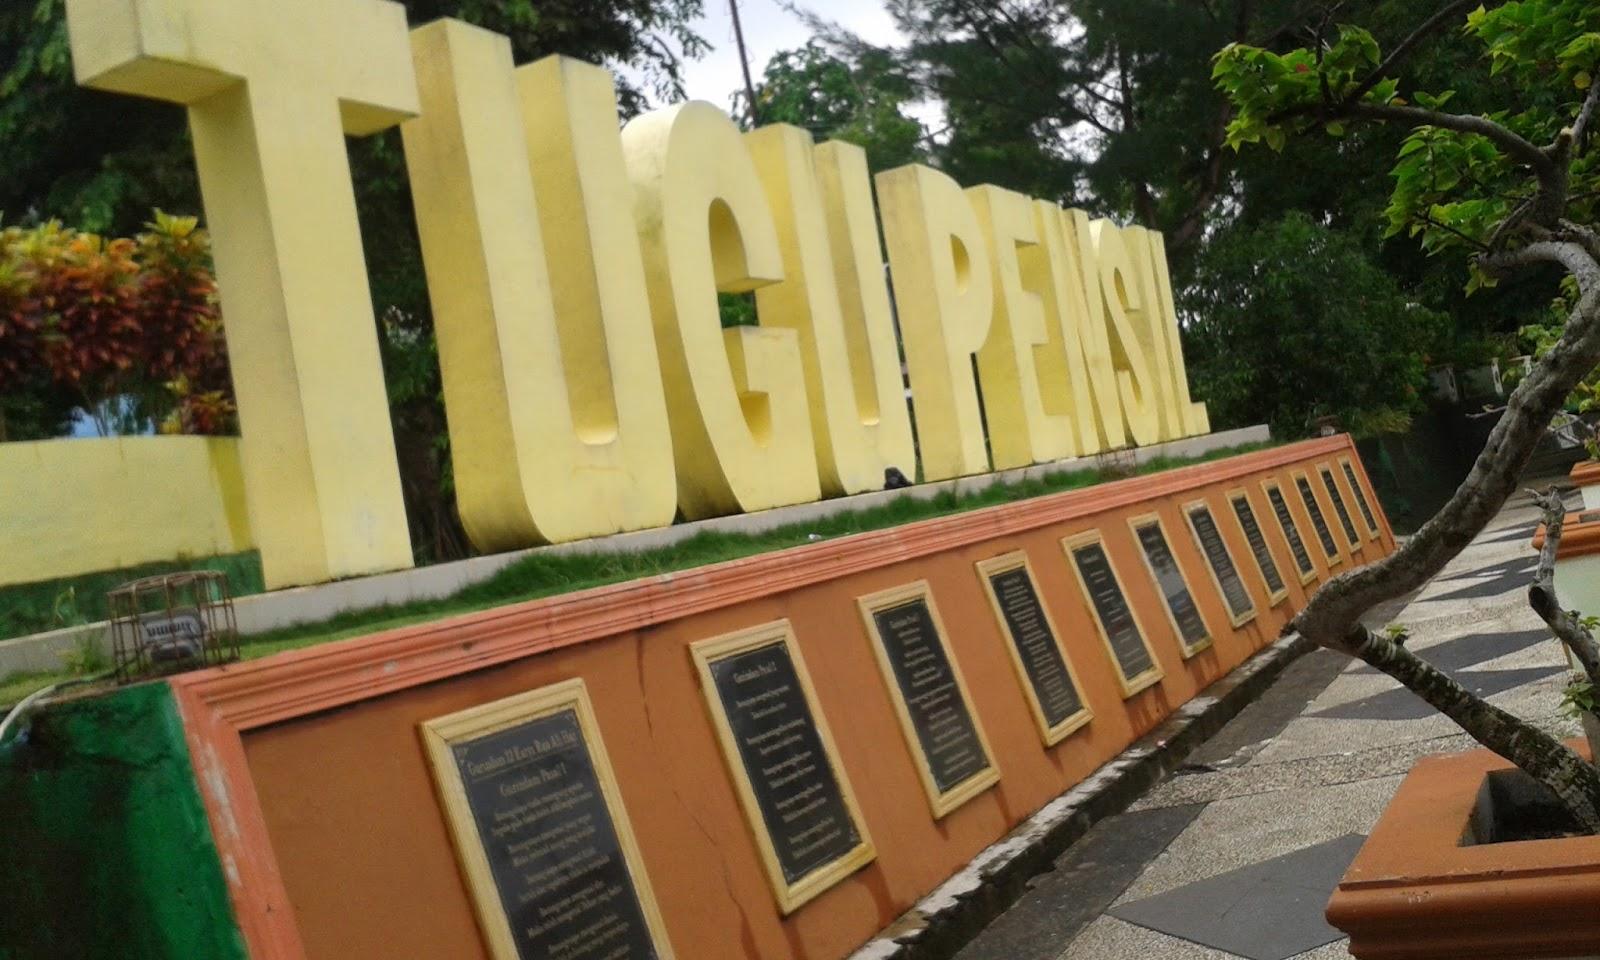 Mylife Taman Tugu Pensil Tanjungpinang Tulisan Dibawahnya Hitam Gurindam 12